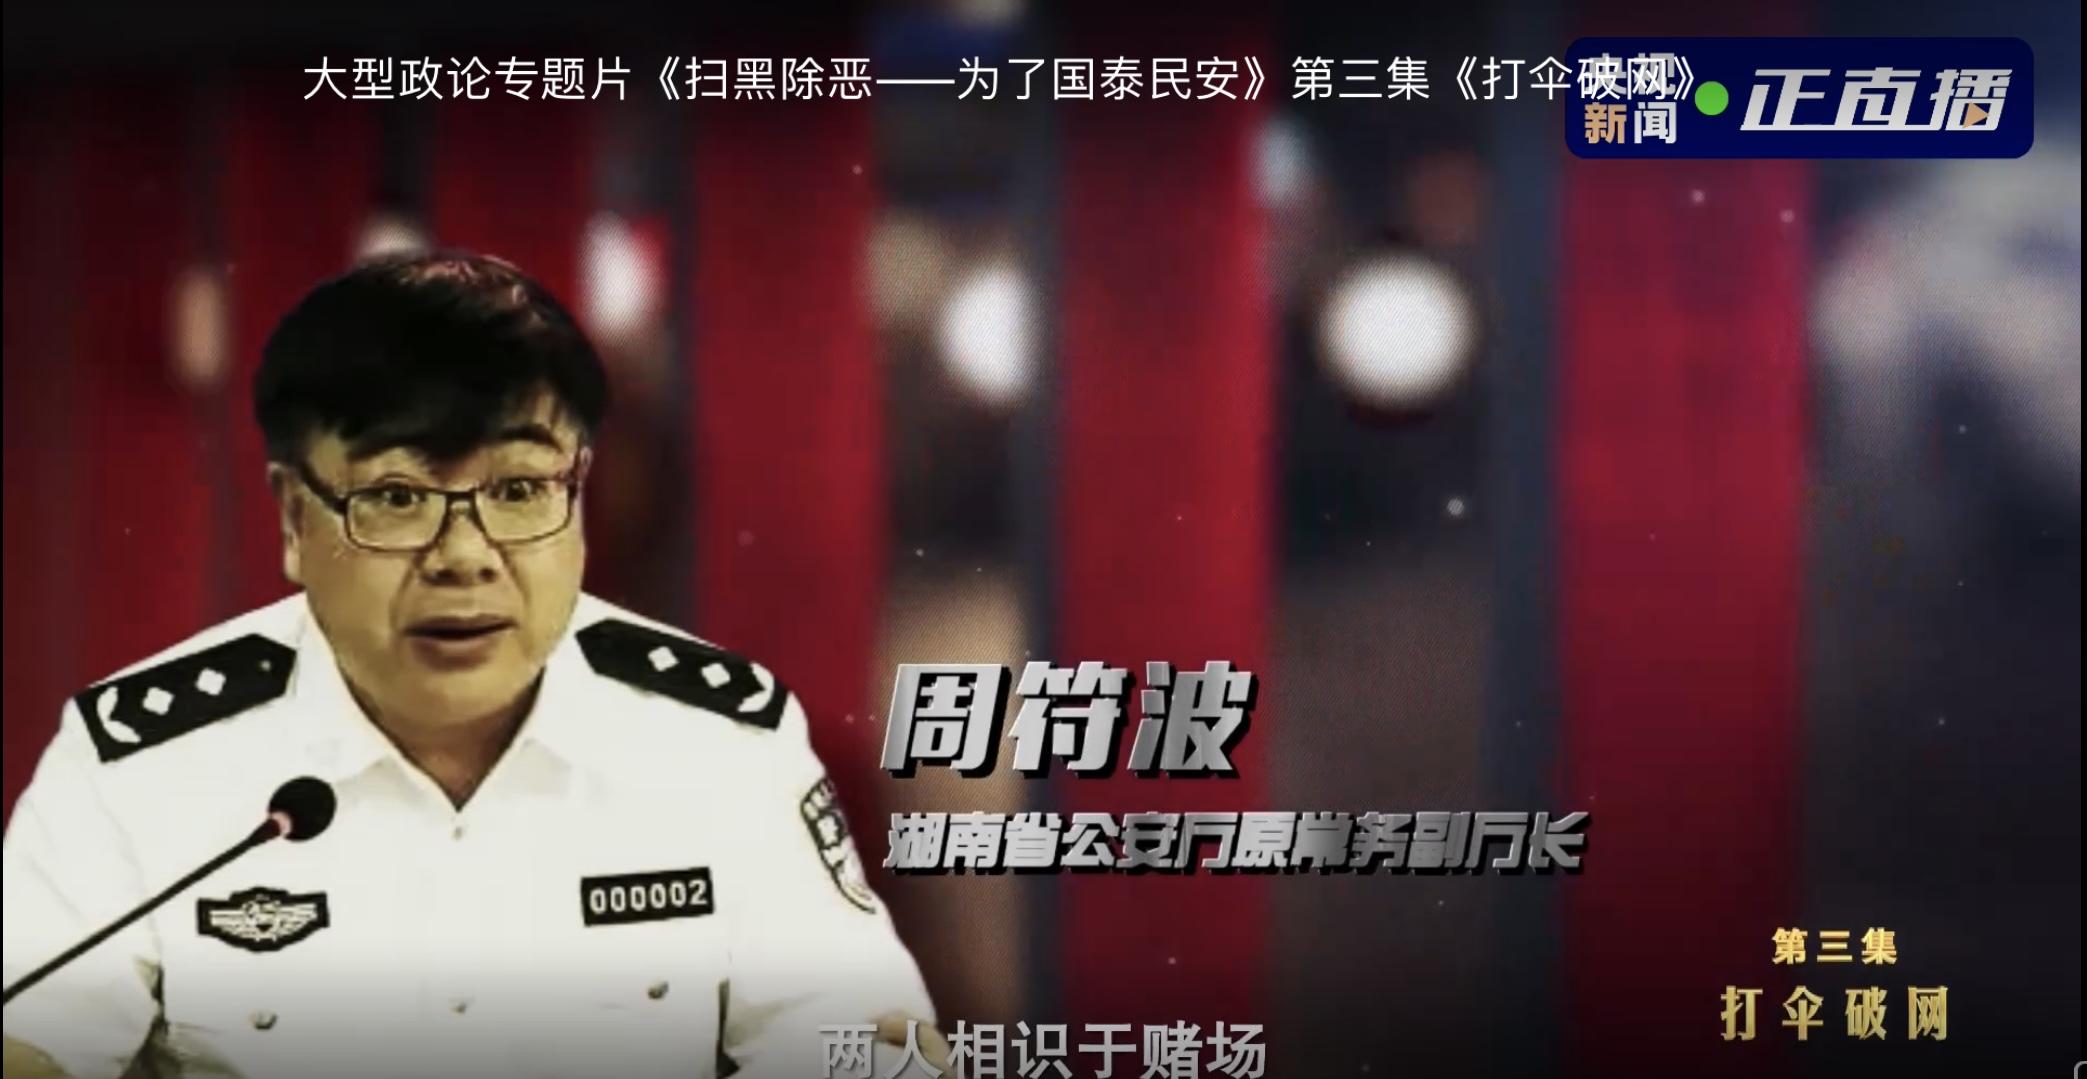 湖南省公安厅原常务副厅周符波。专题片视频截图